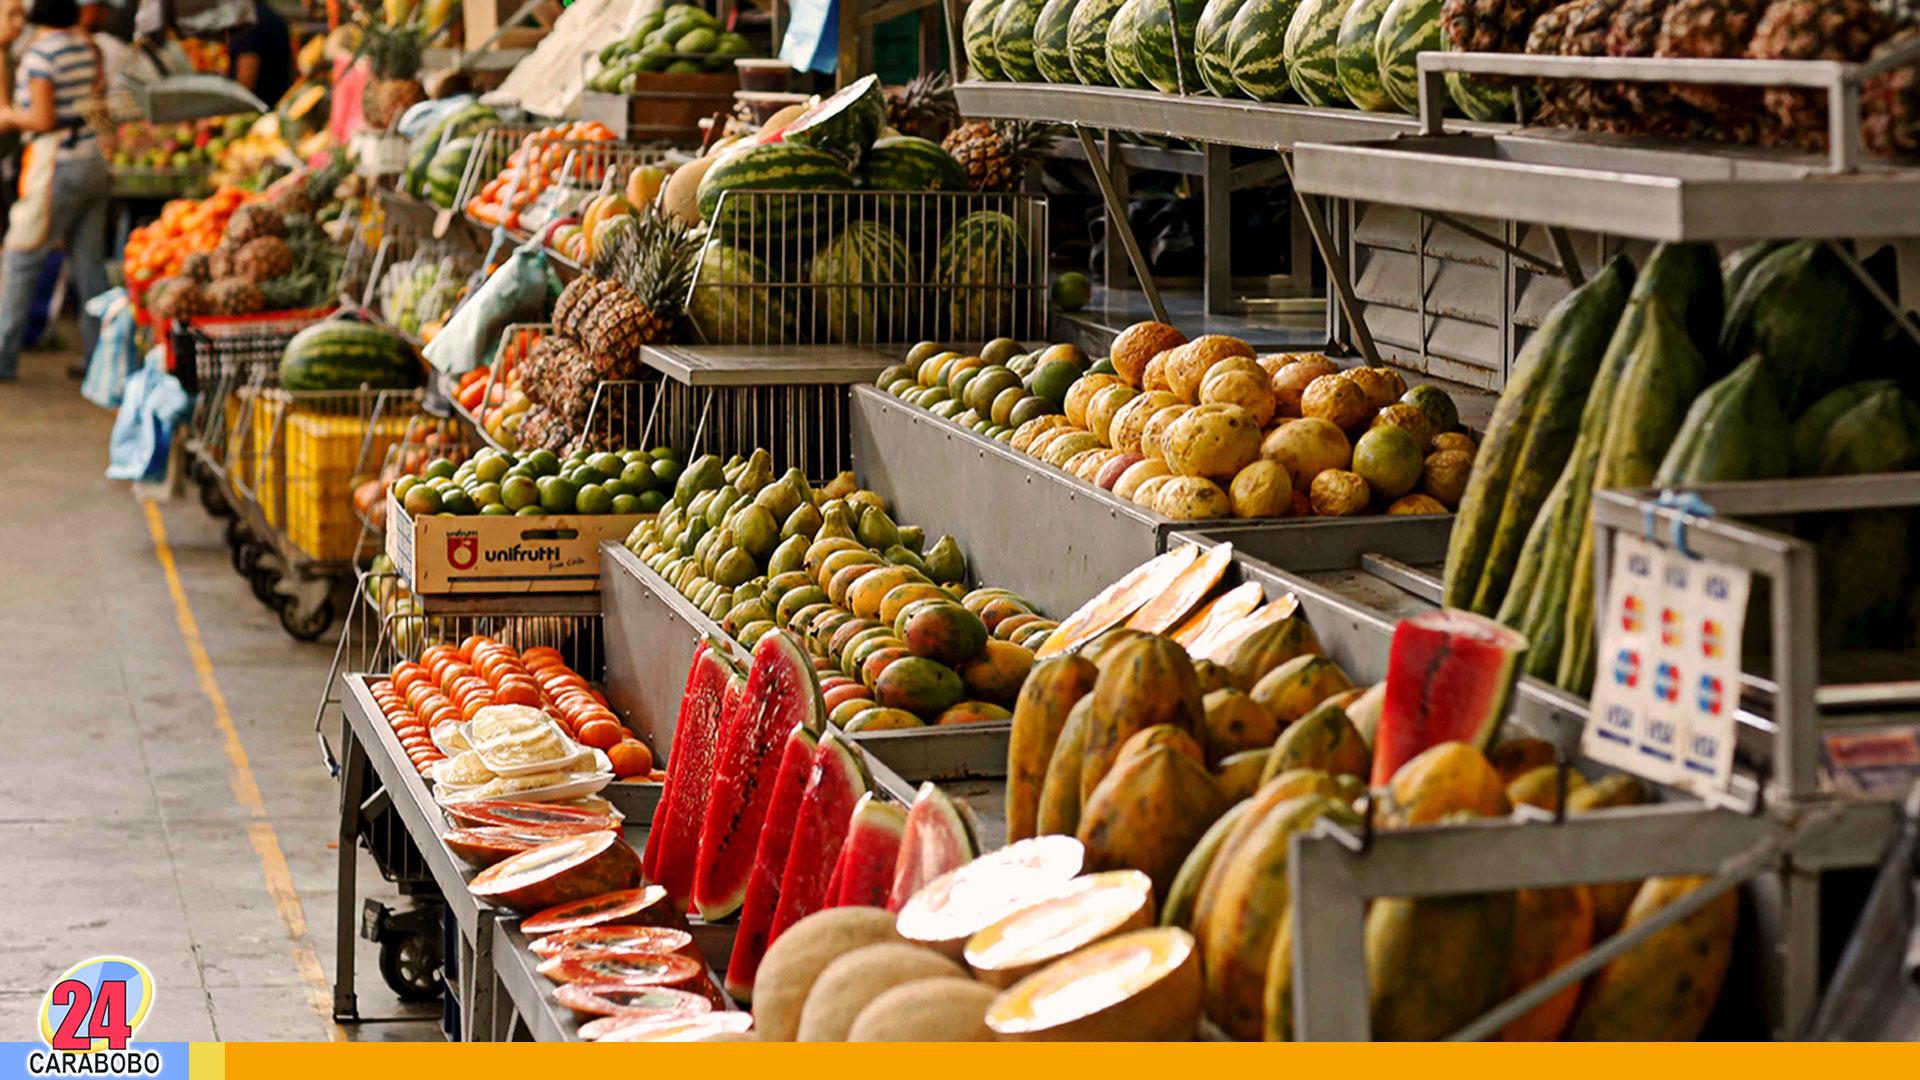 frutas y hortalizas - frutas y hortalizas